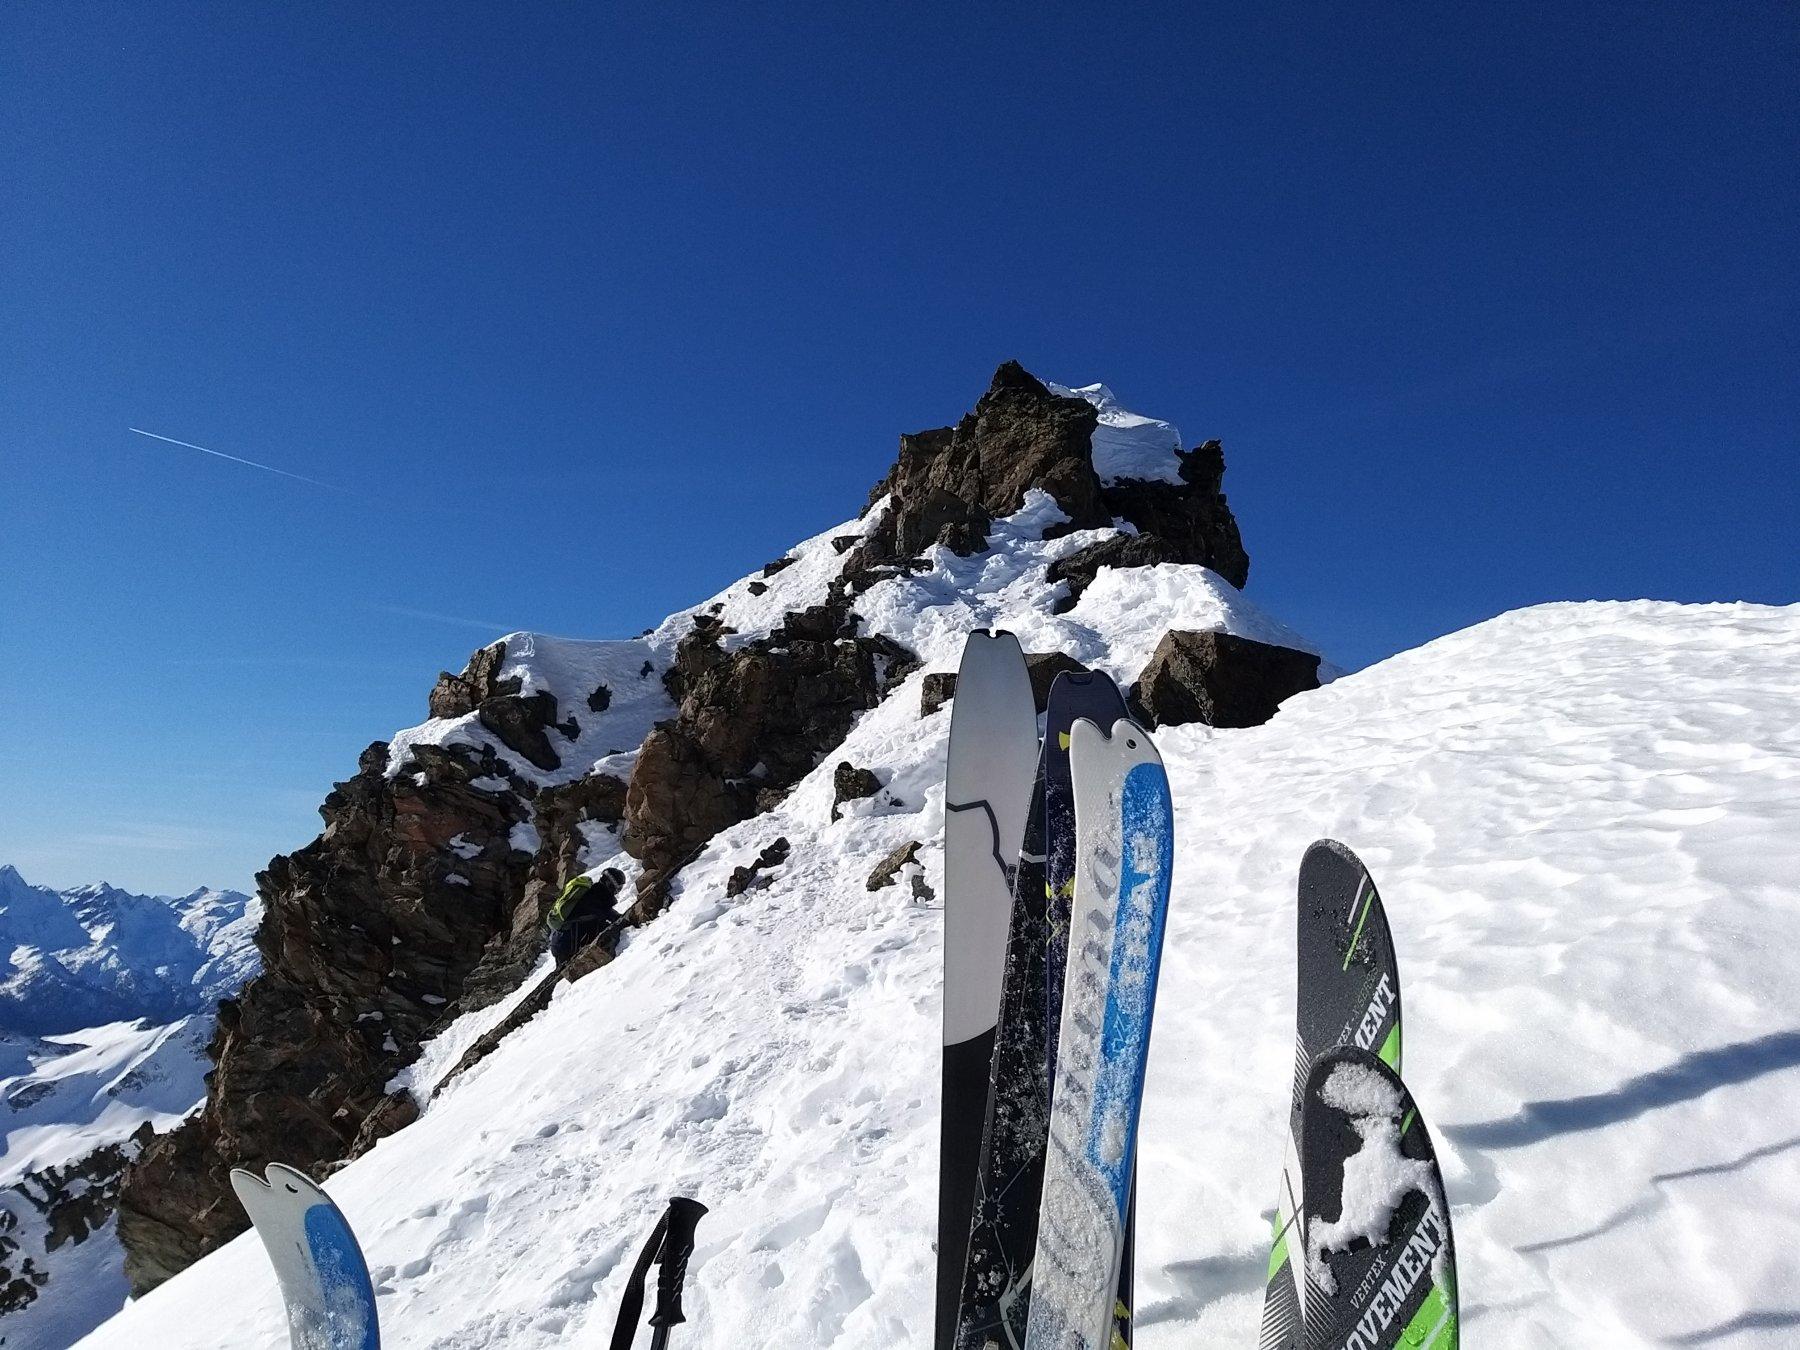 Deposito sci e percorso (non banale) per la punta.